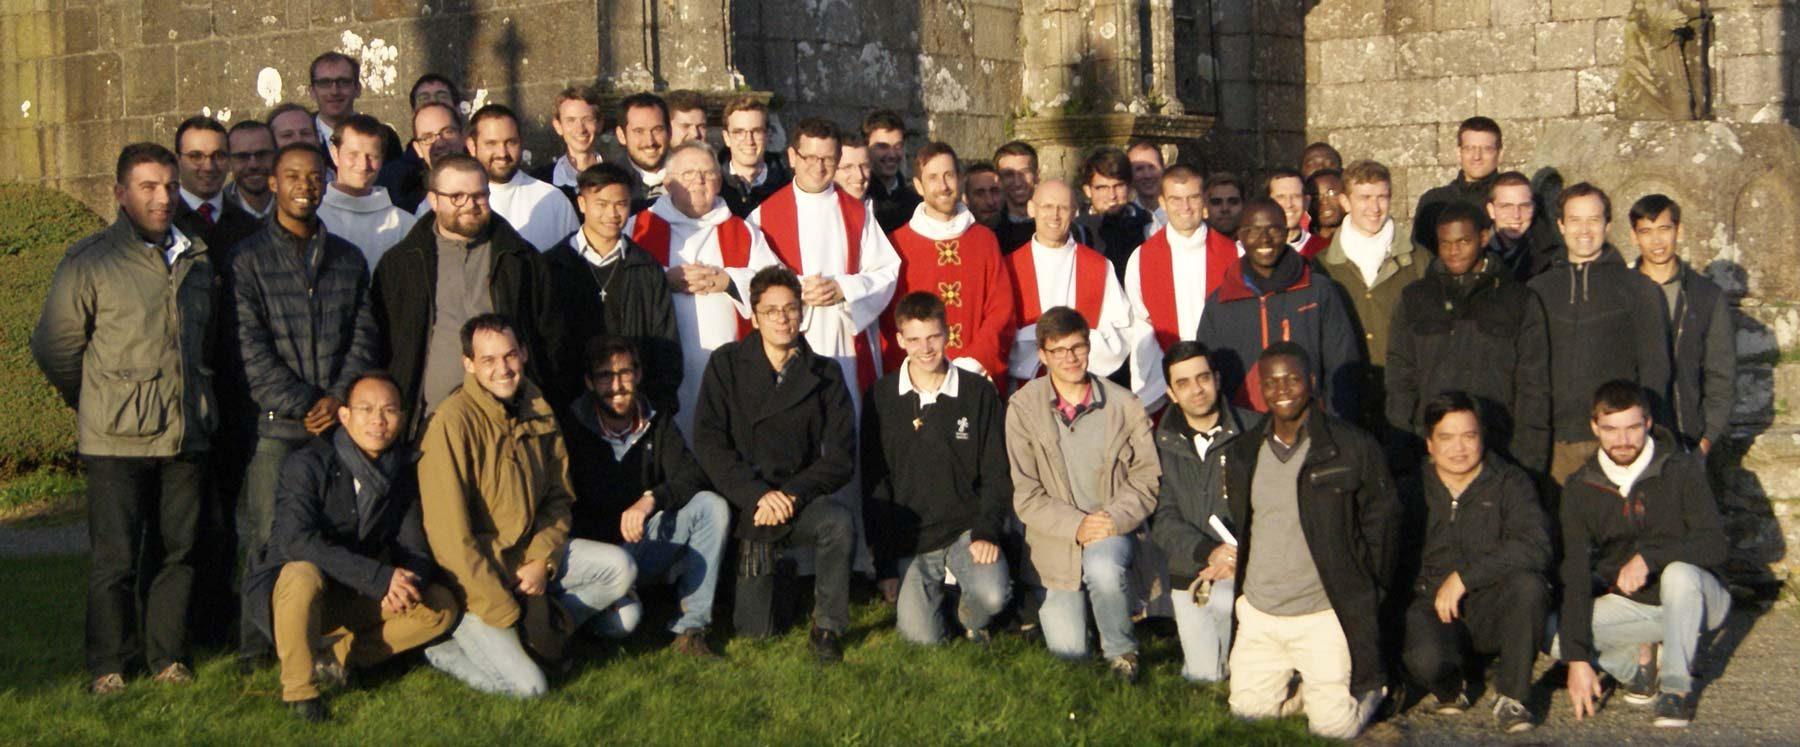 Promotion des séminaristes bretons